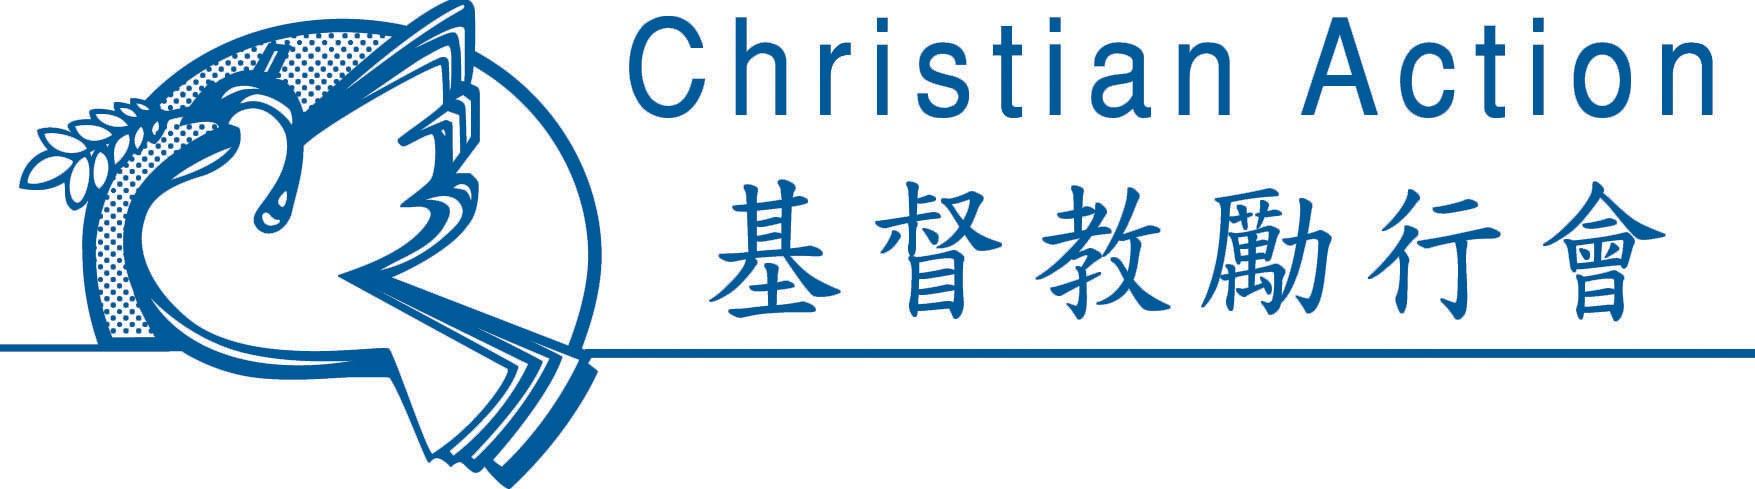 logo for Christian Action